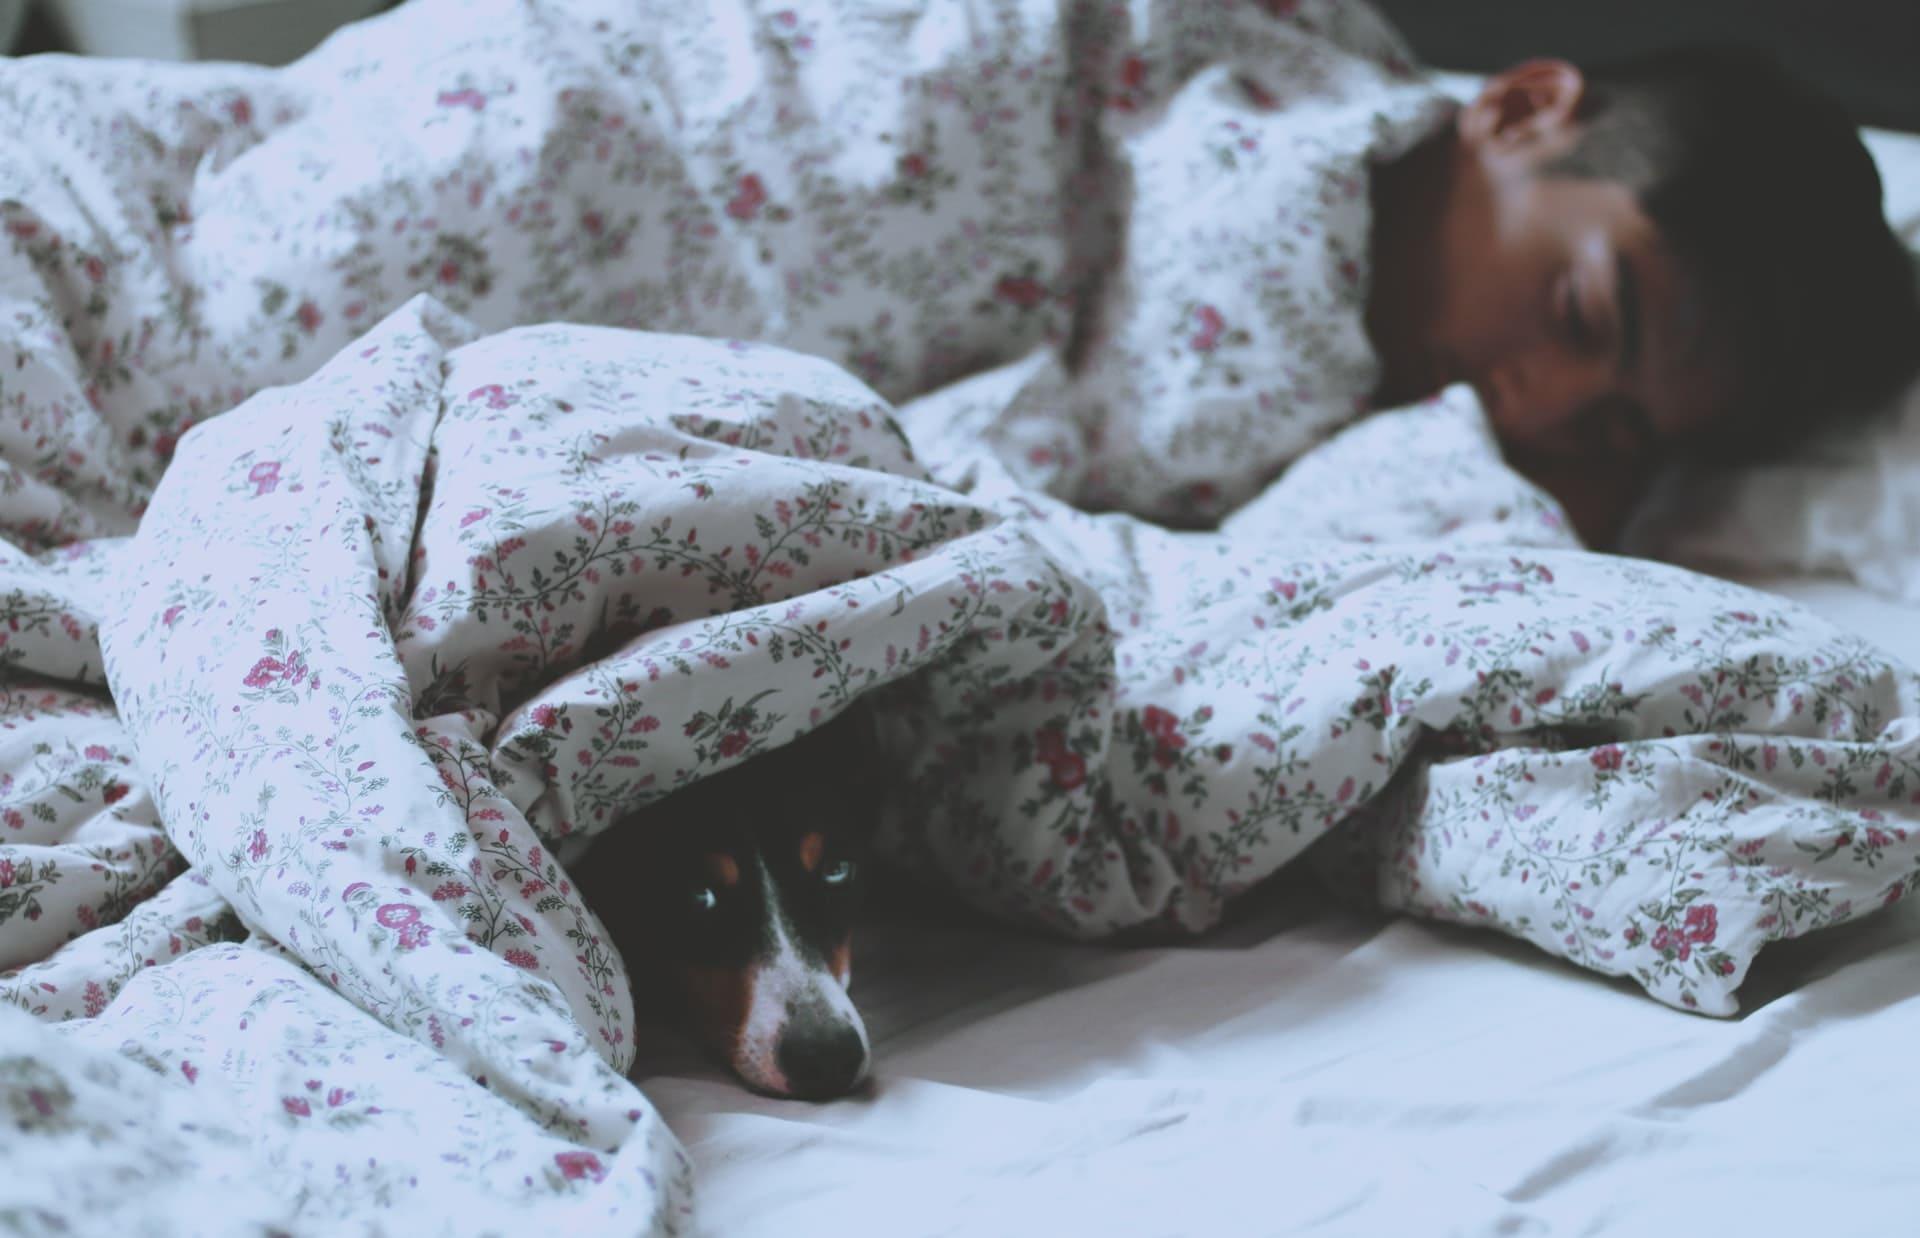 Titelbild: Zusammenhang zwischen Schlafposition und Psychologie